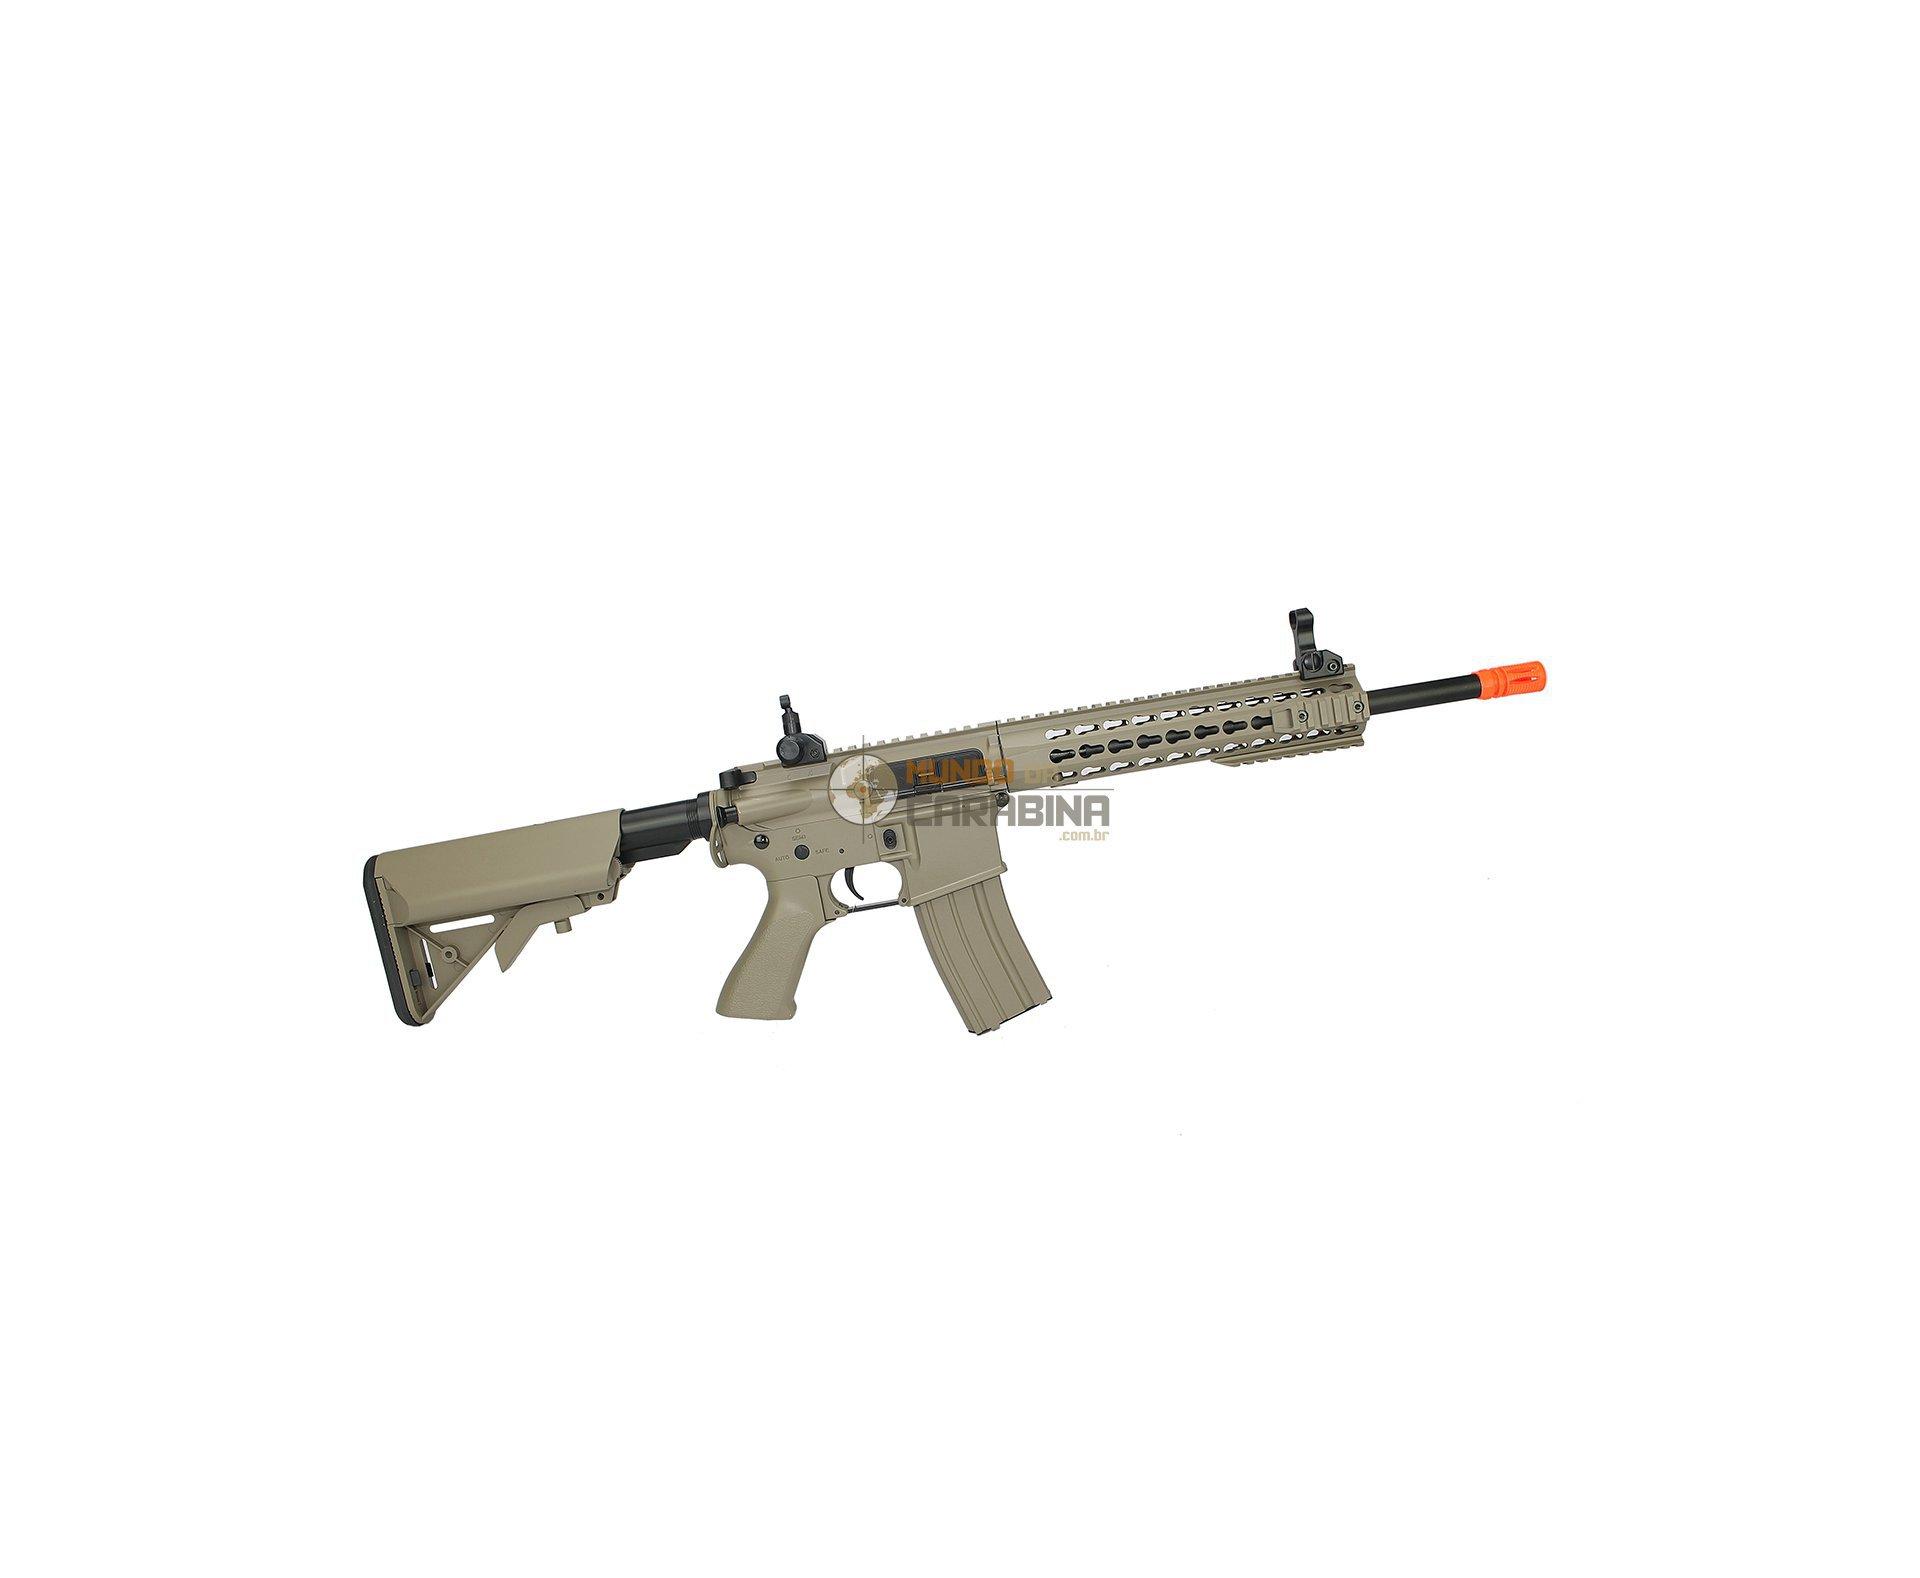 Rifle De Airsoft M4a1 Ris Tan Cal 6mm - Bivolt - Cm515 - Cyma